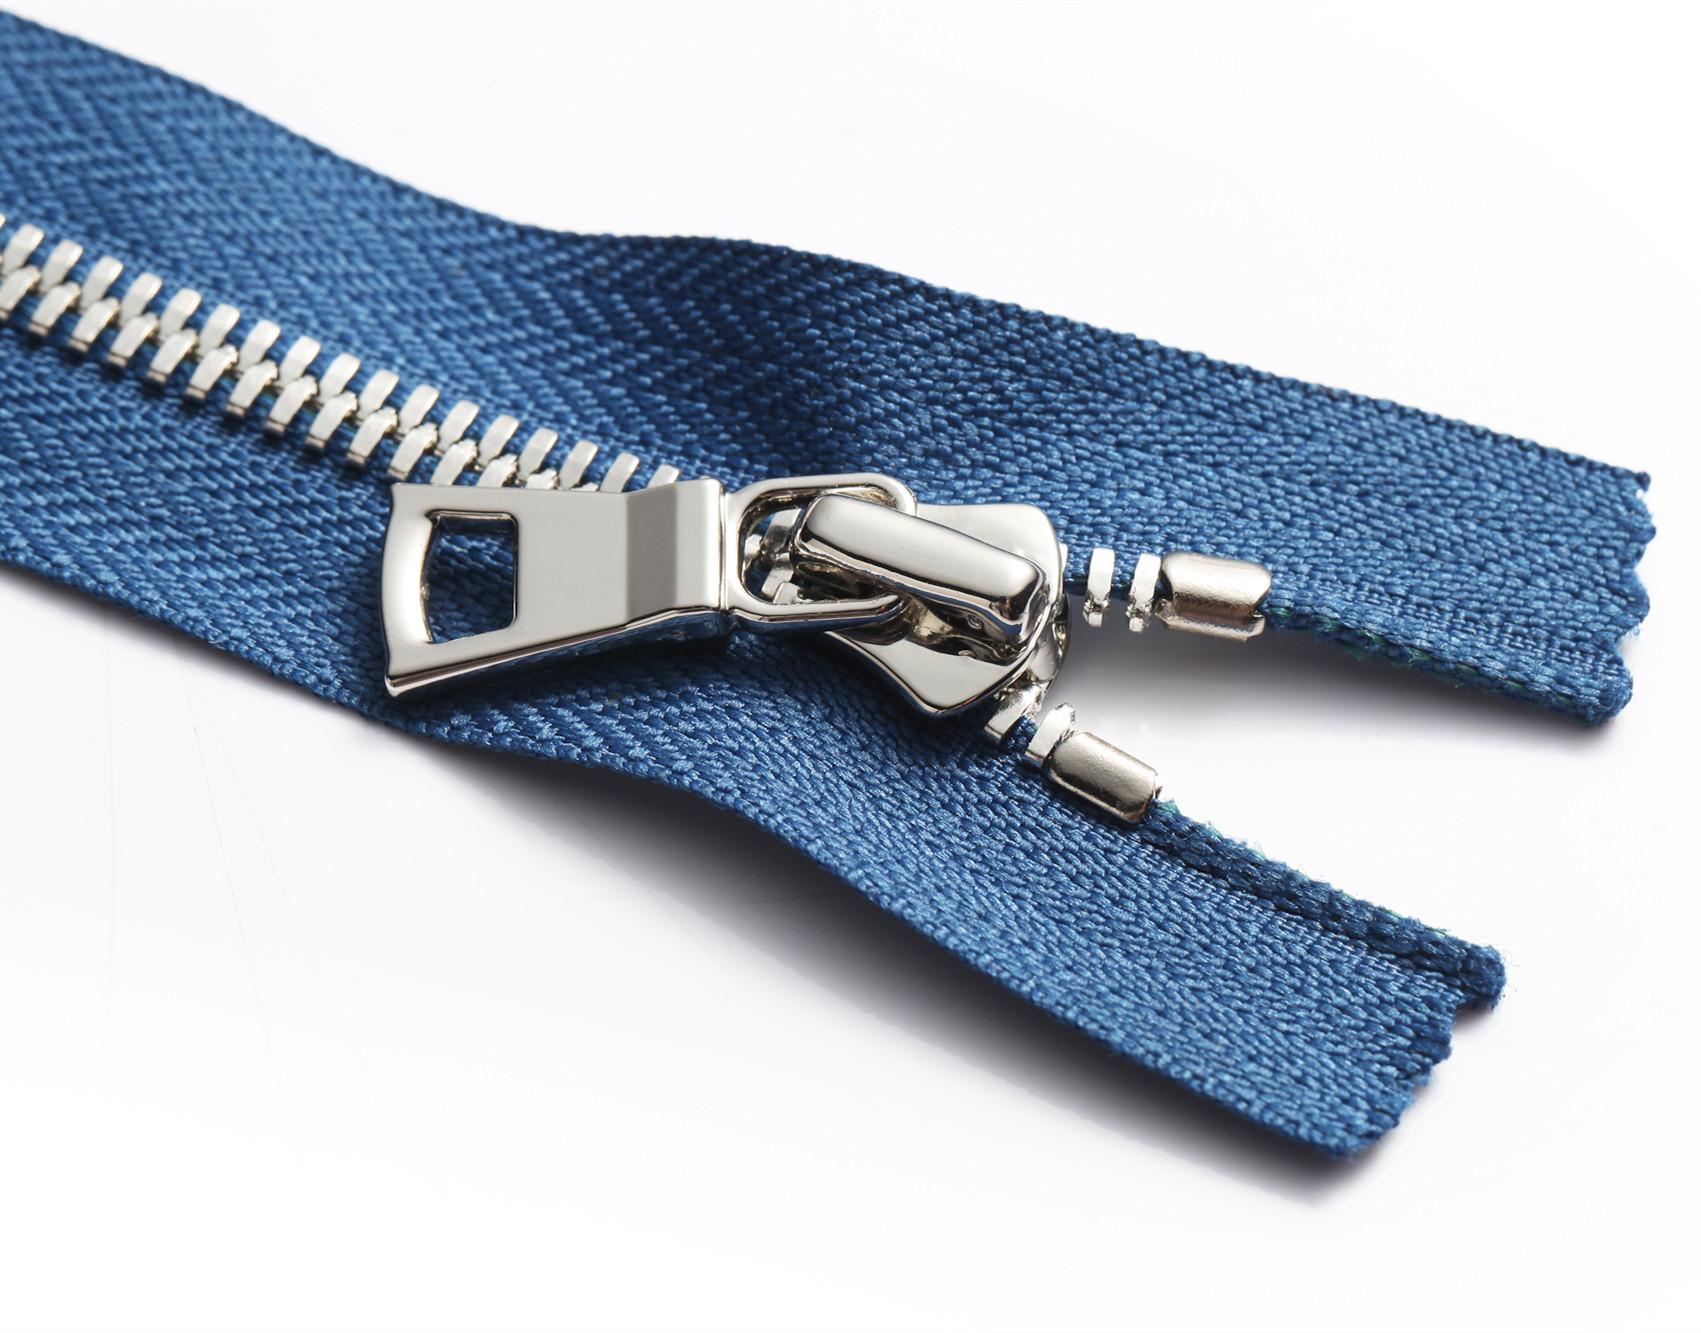 5 # kim loại trường hợp da mã hàng hóa dây kéo. Cao cấp ngô răng dây kéo. Mở đuôi quần áo dây kéo qu